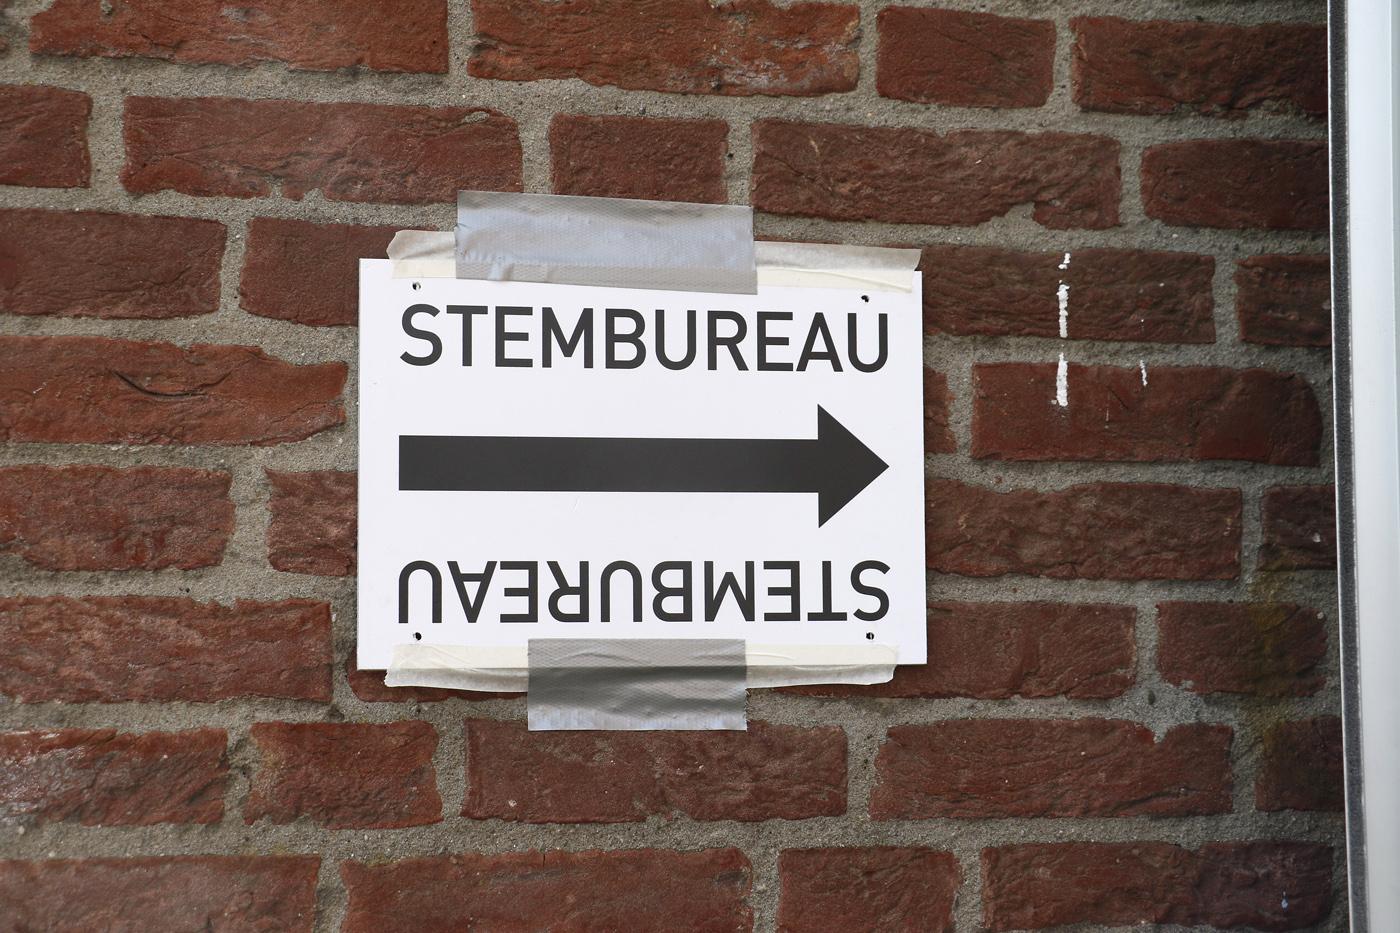 De Tweede Kamerverkiezingen in Breda, woensdag 15 maart 2017.